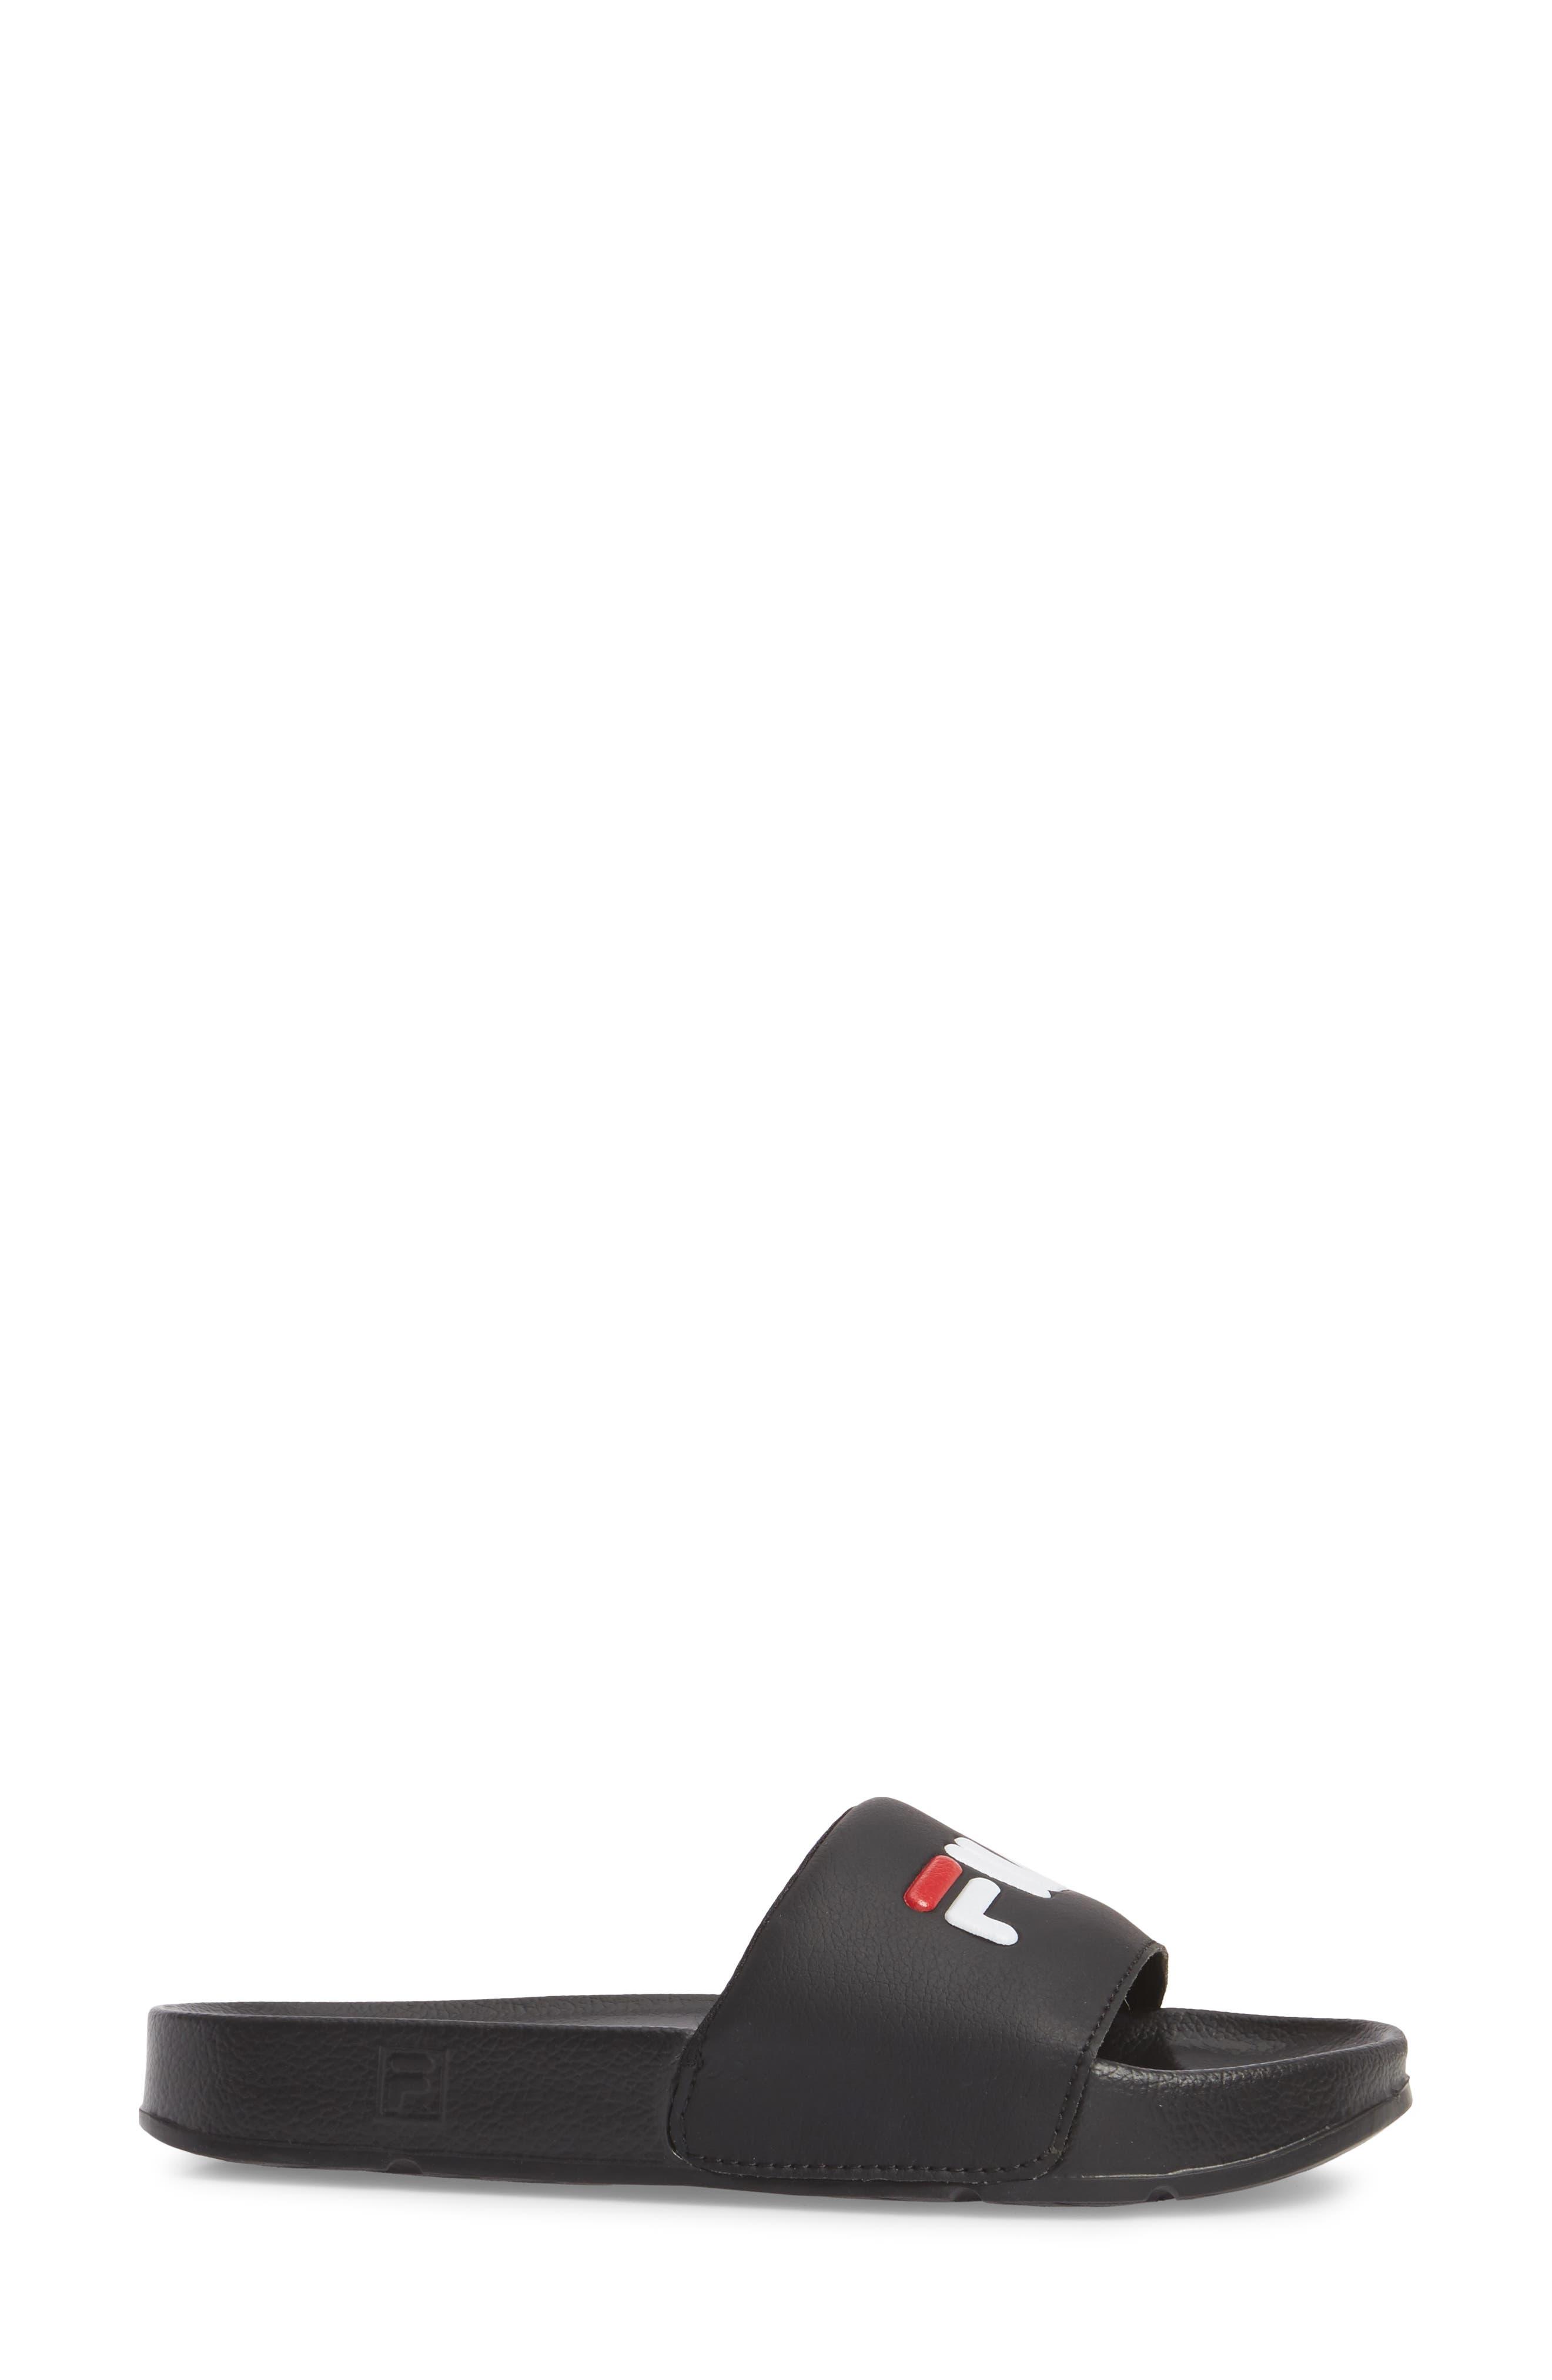 Drifter Slide Sandal,                             Alternate thumbnail 3, color,                             Black/ Red/ White